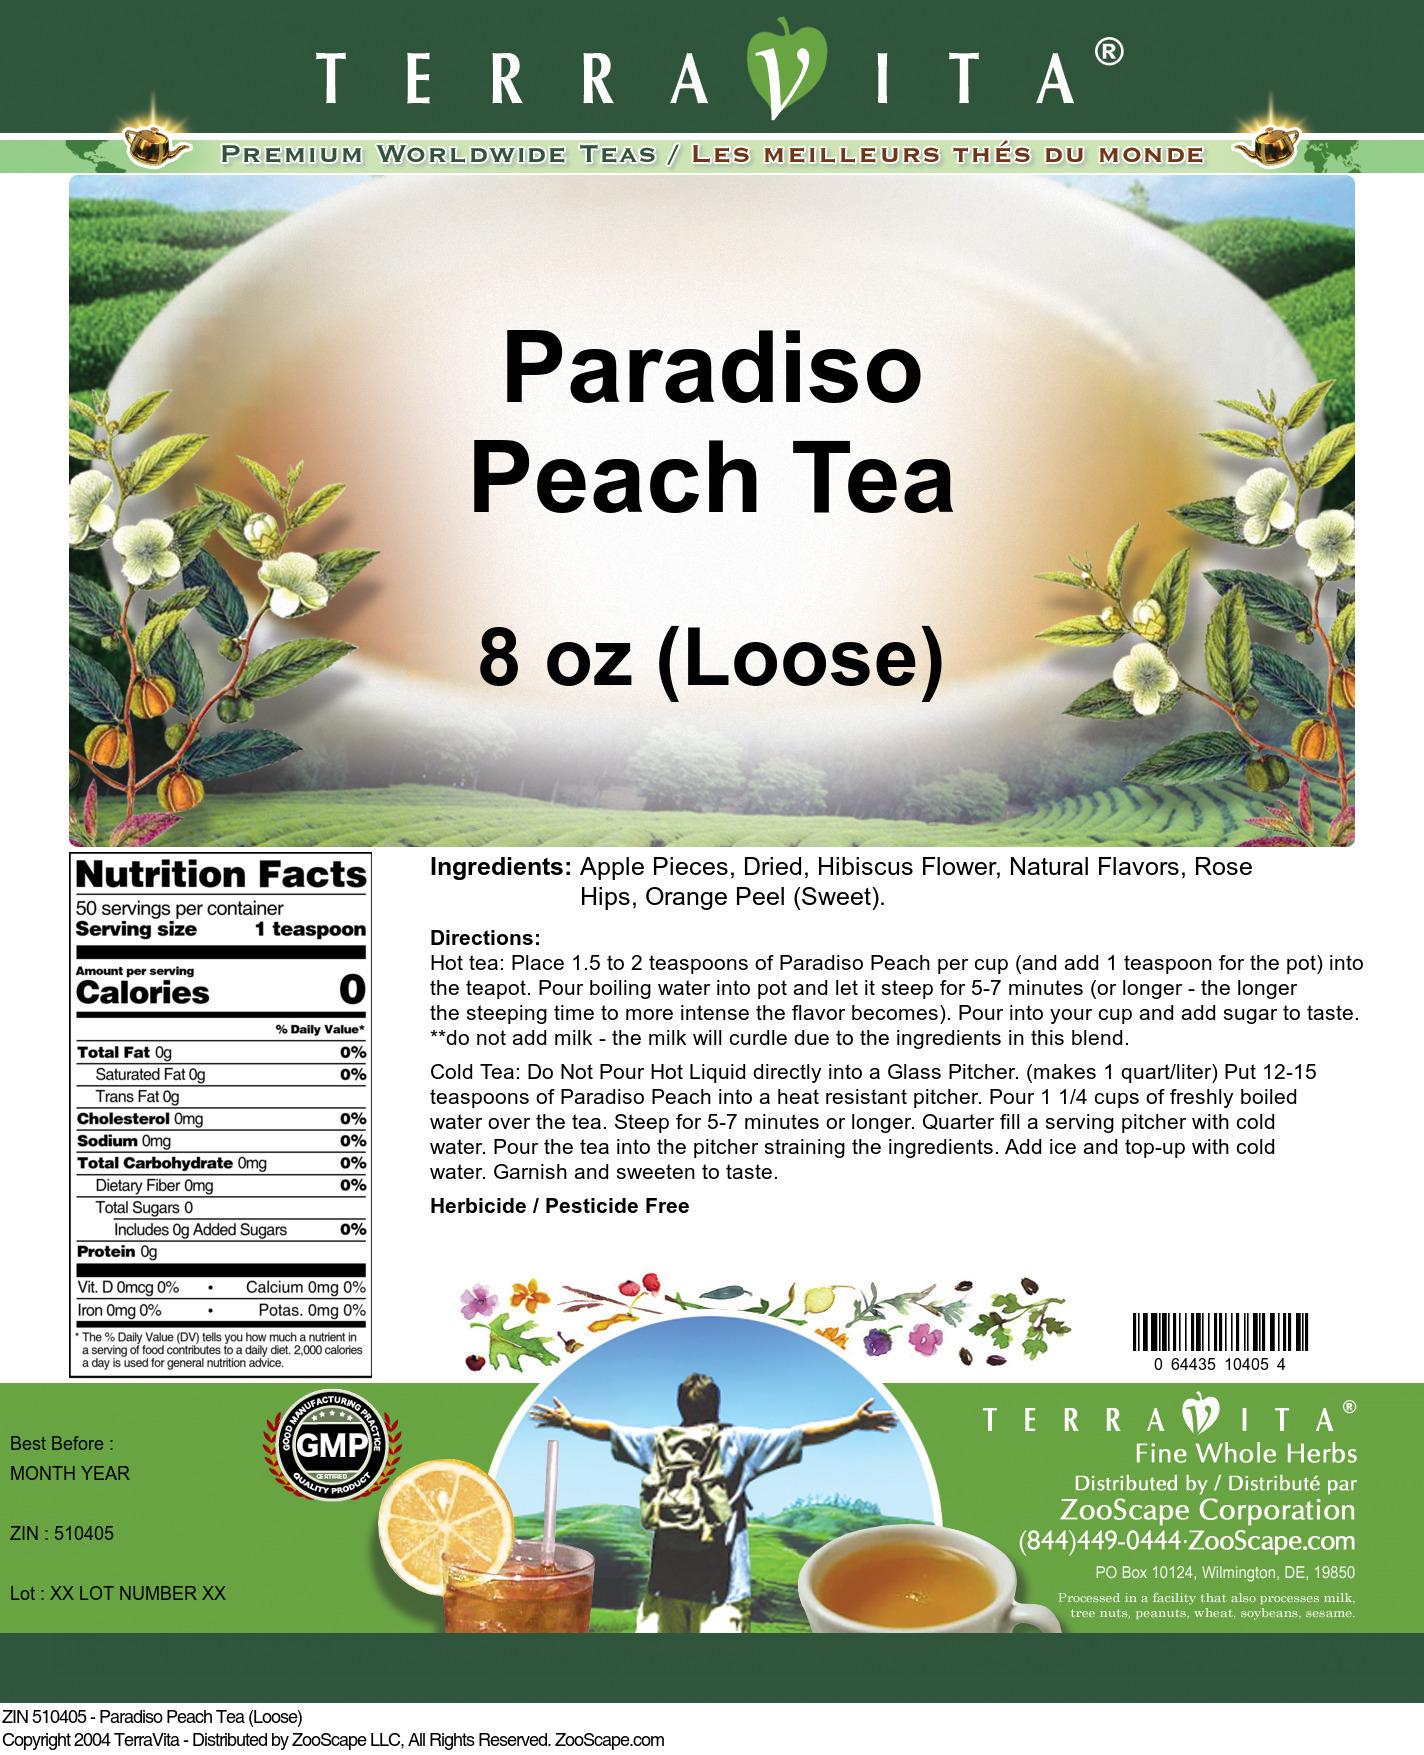 Paradiso Peach Tea (Loose)